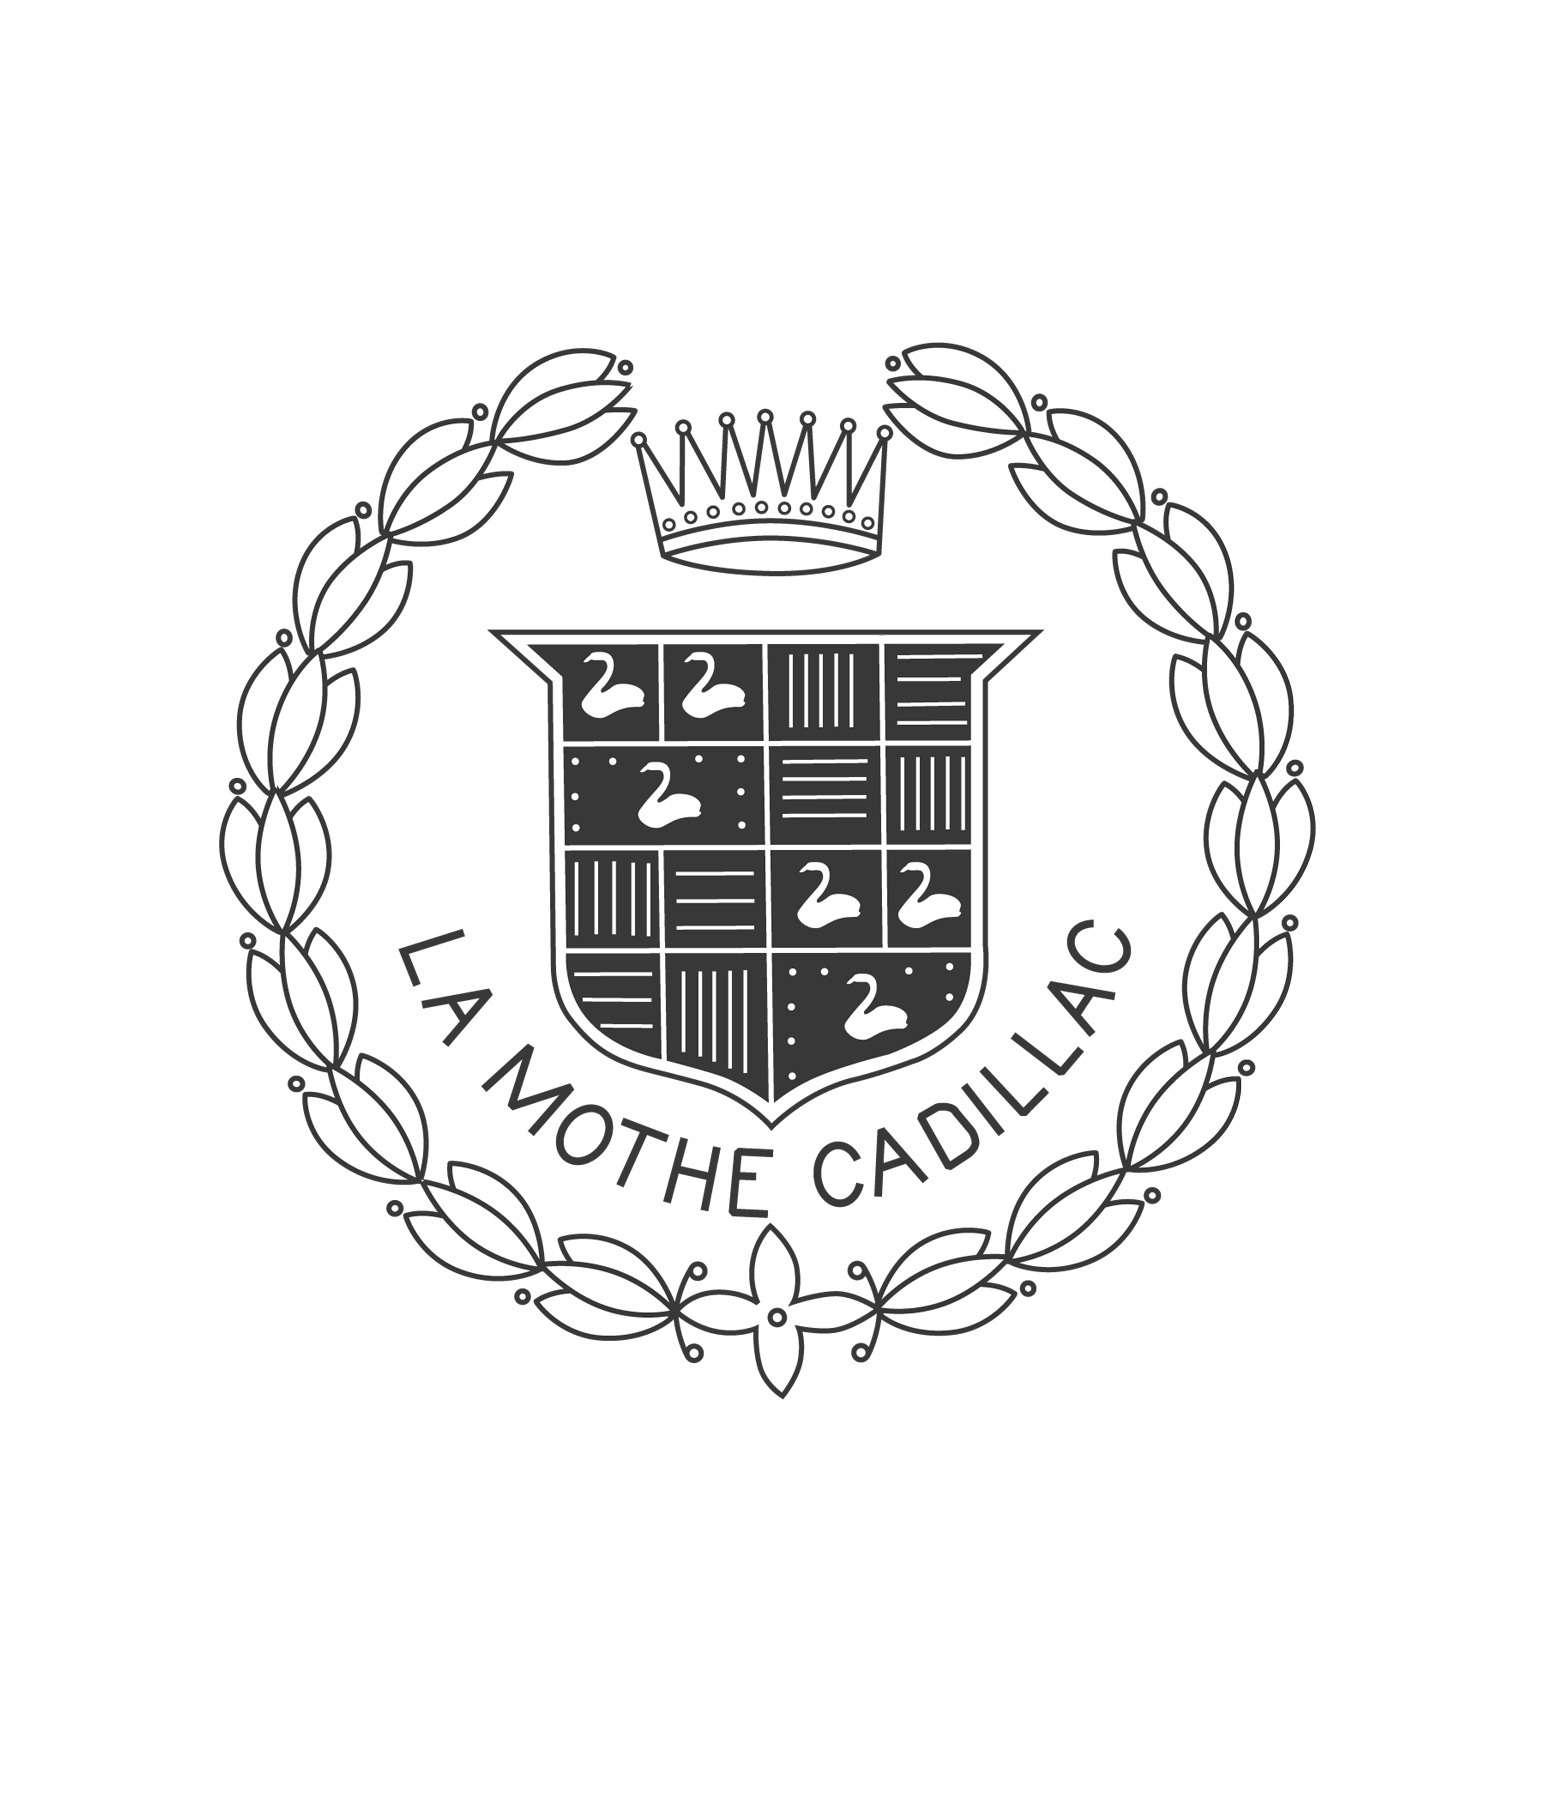 Стилизованный герб Антуана Ламэ делаМотт Кадияка, принятый заоснову эмблемы марки Cadillac.